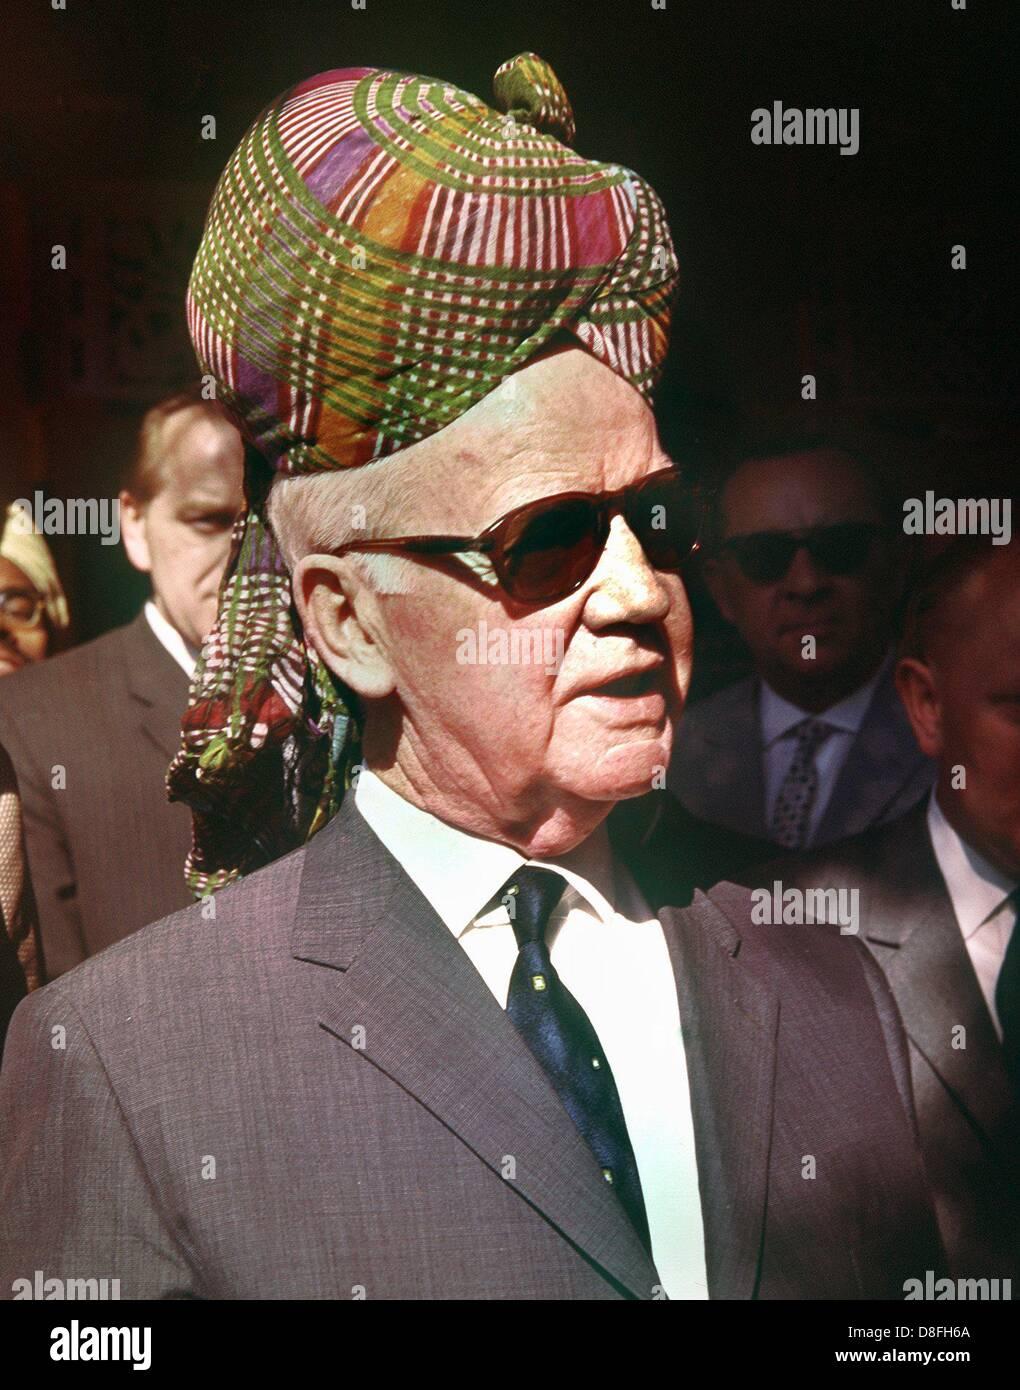 Le président allemand Heinrich Lübke porte un turban durant son voyage en Inde à la fin de 1962. Banque D'Images